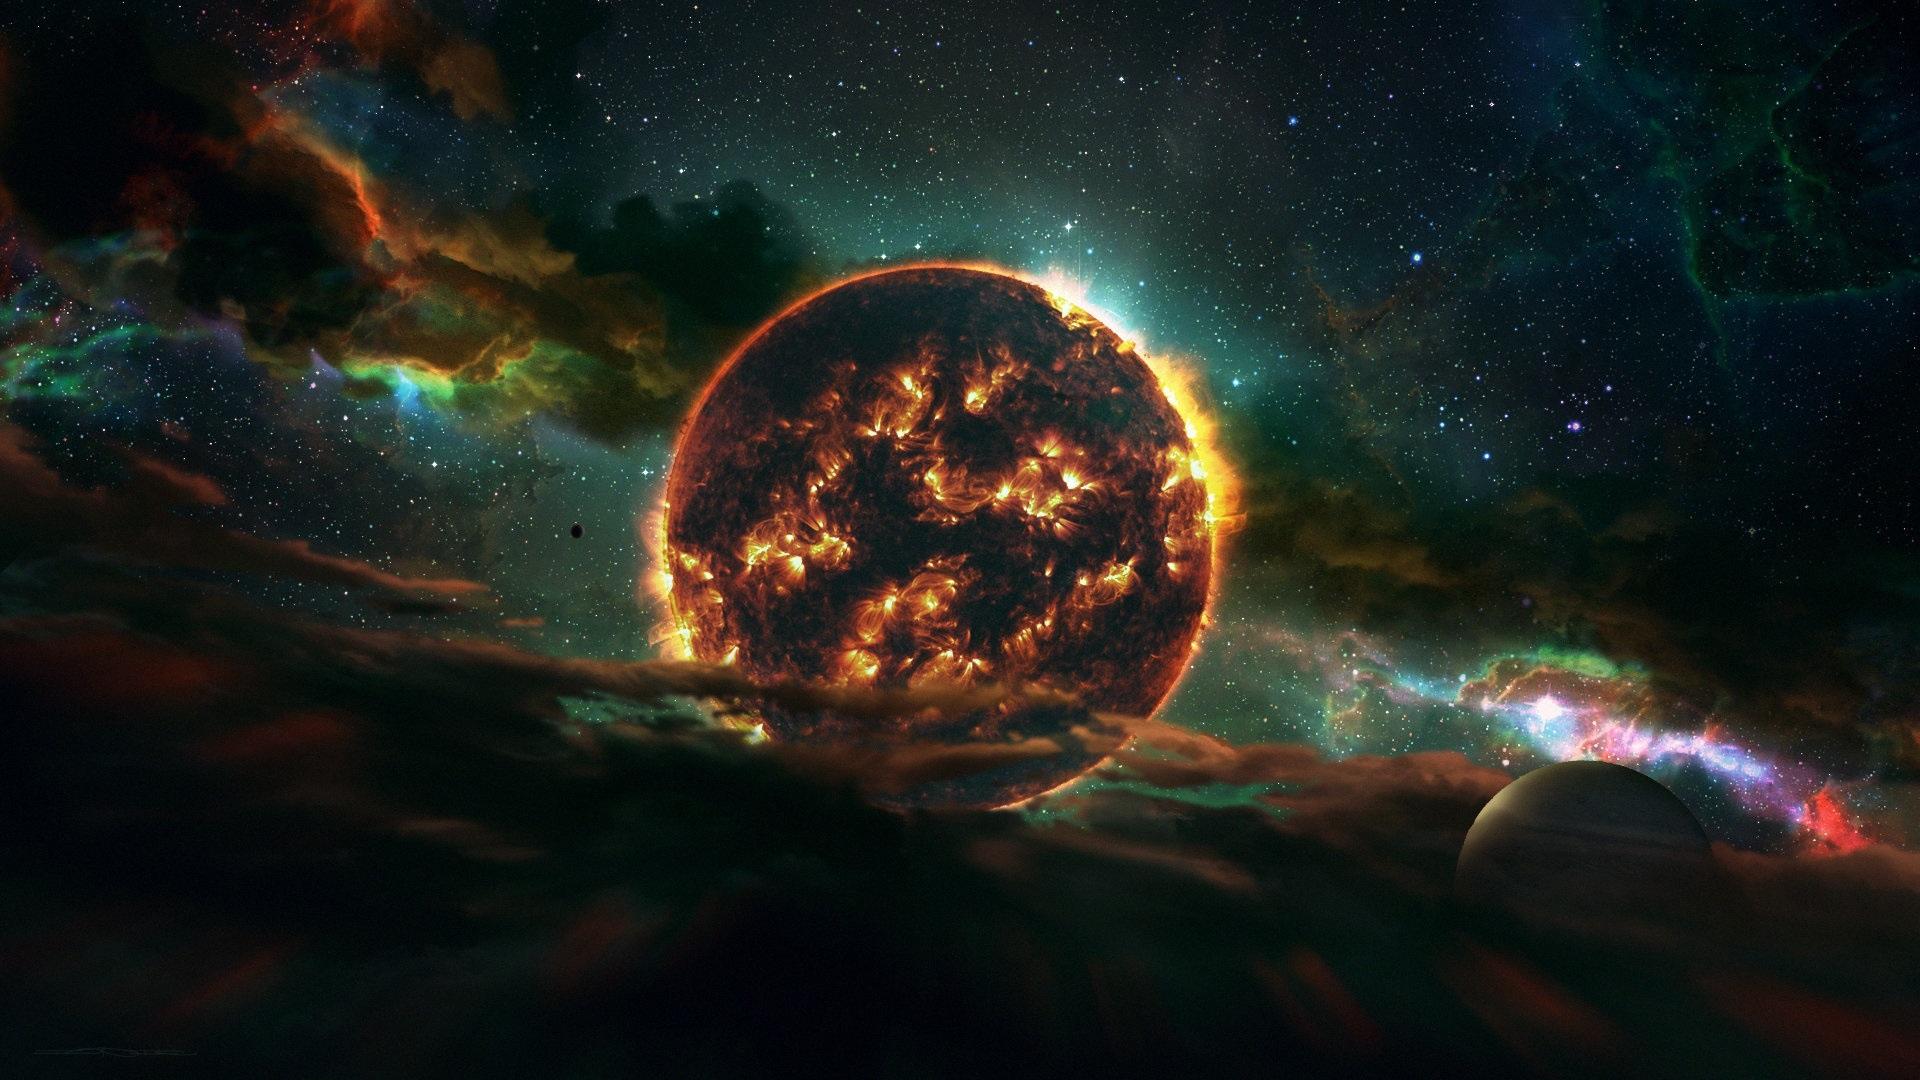 Fonds d'écran Dead Star, espace, planète, univers 1920x1080